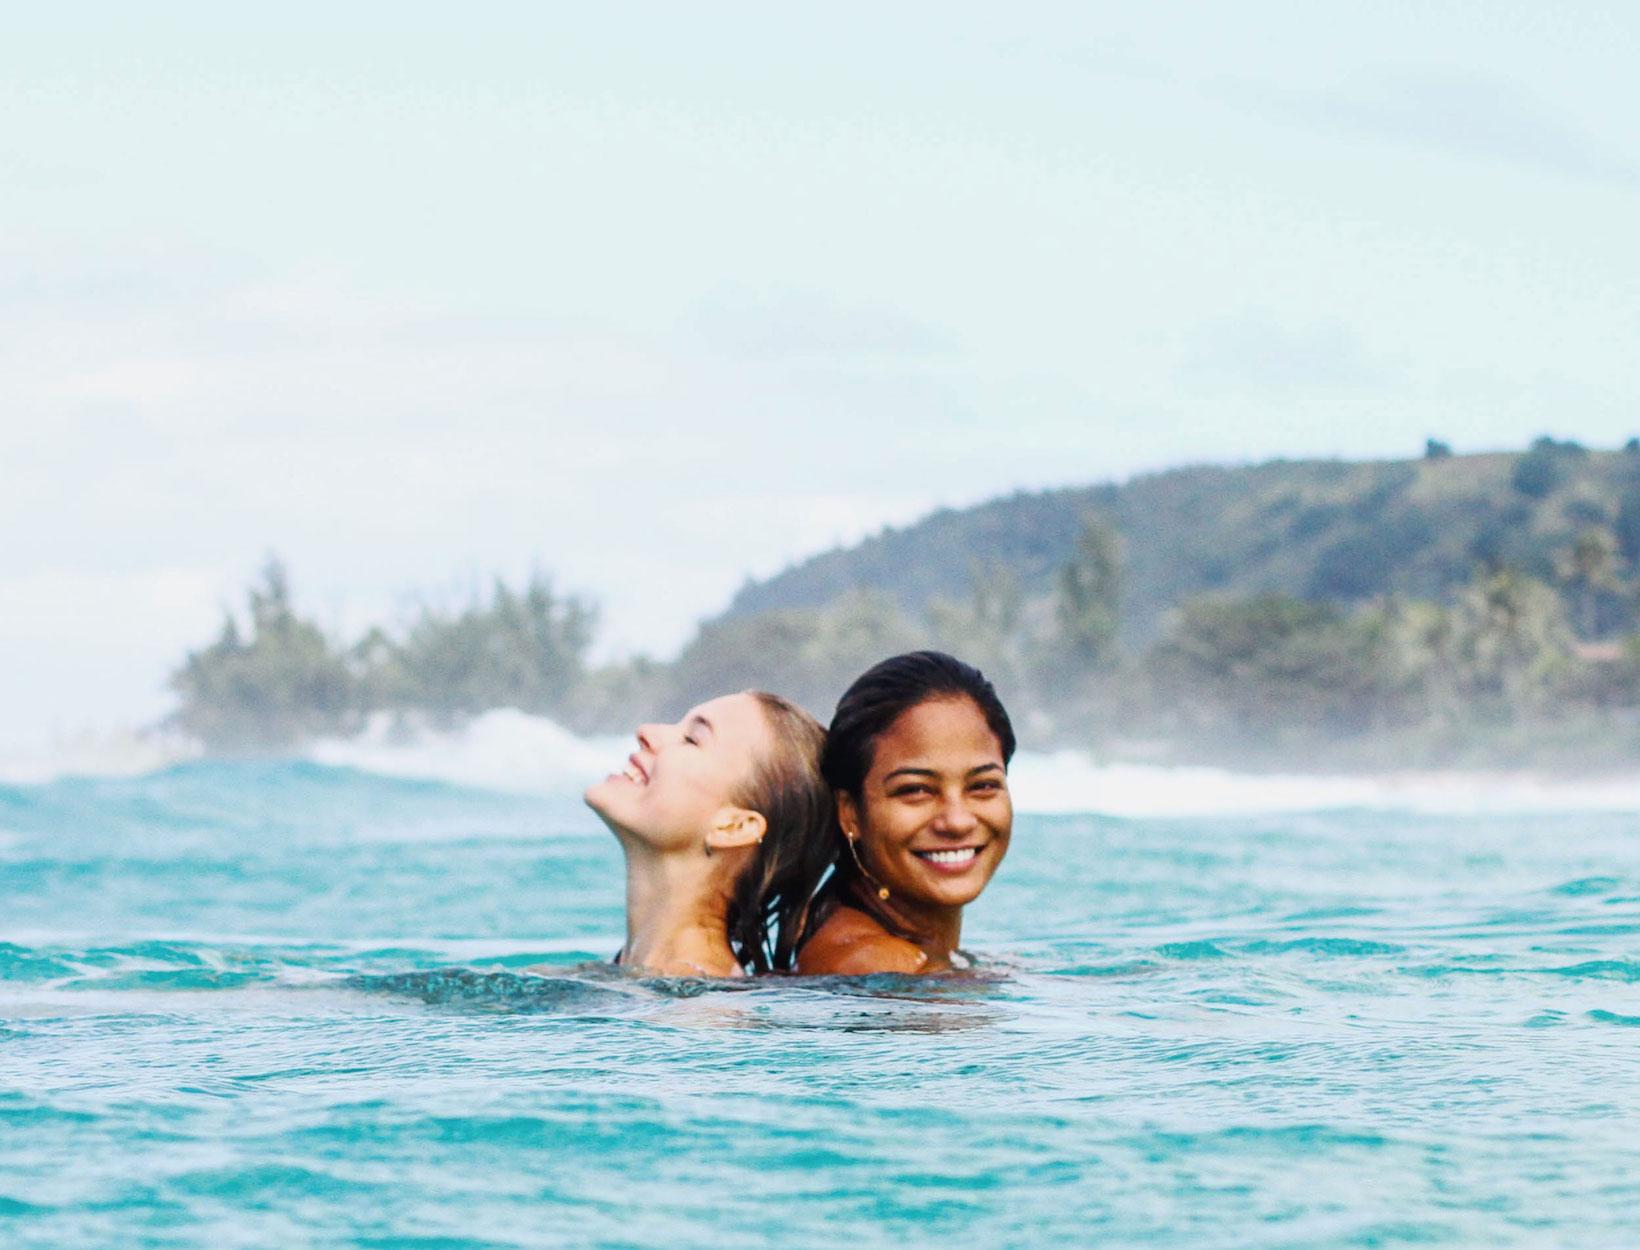 Σκεφτείτε το δύο φορές πριν τρέξετε να ξεπλύνετε το δέρμα σας από το θαλασσινό αλάτι